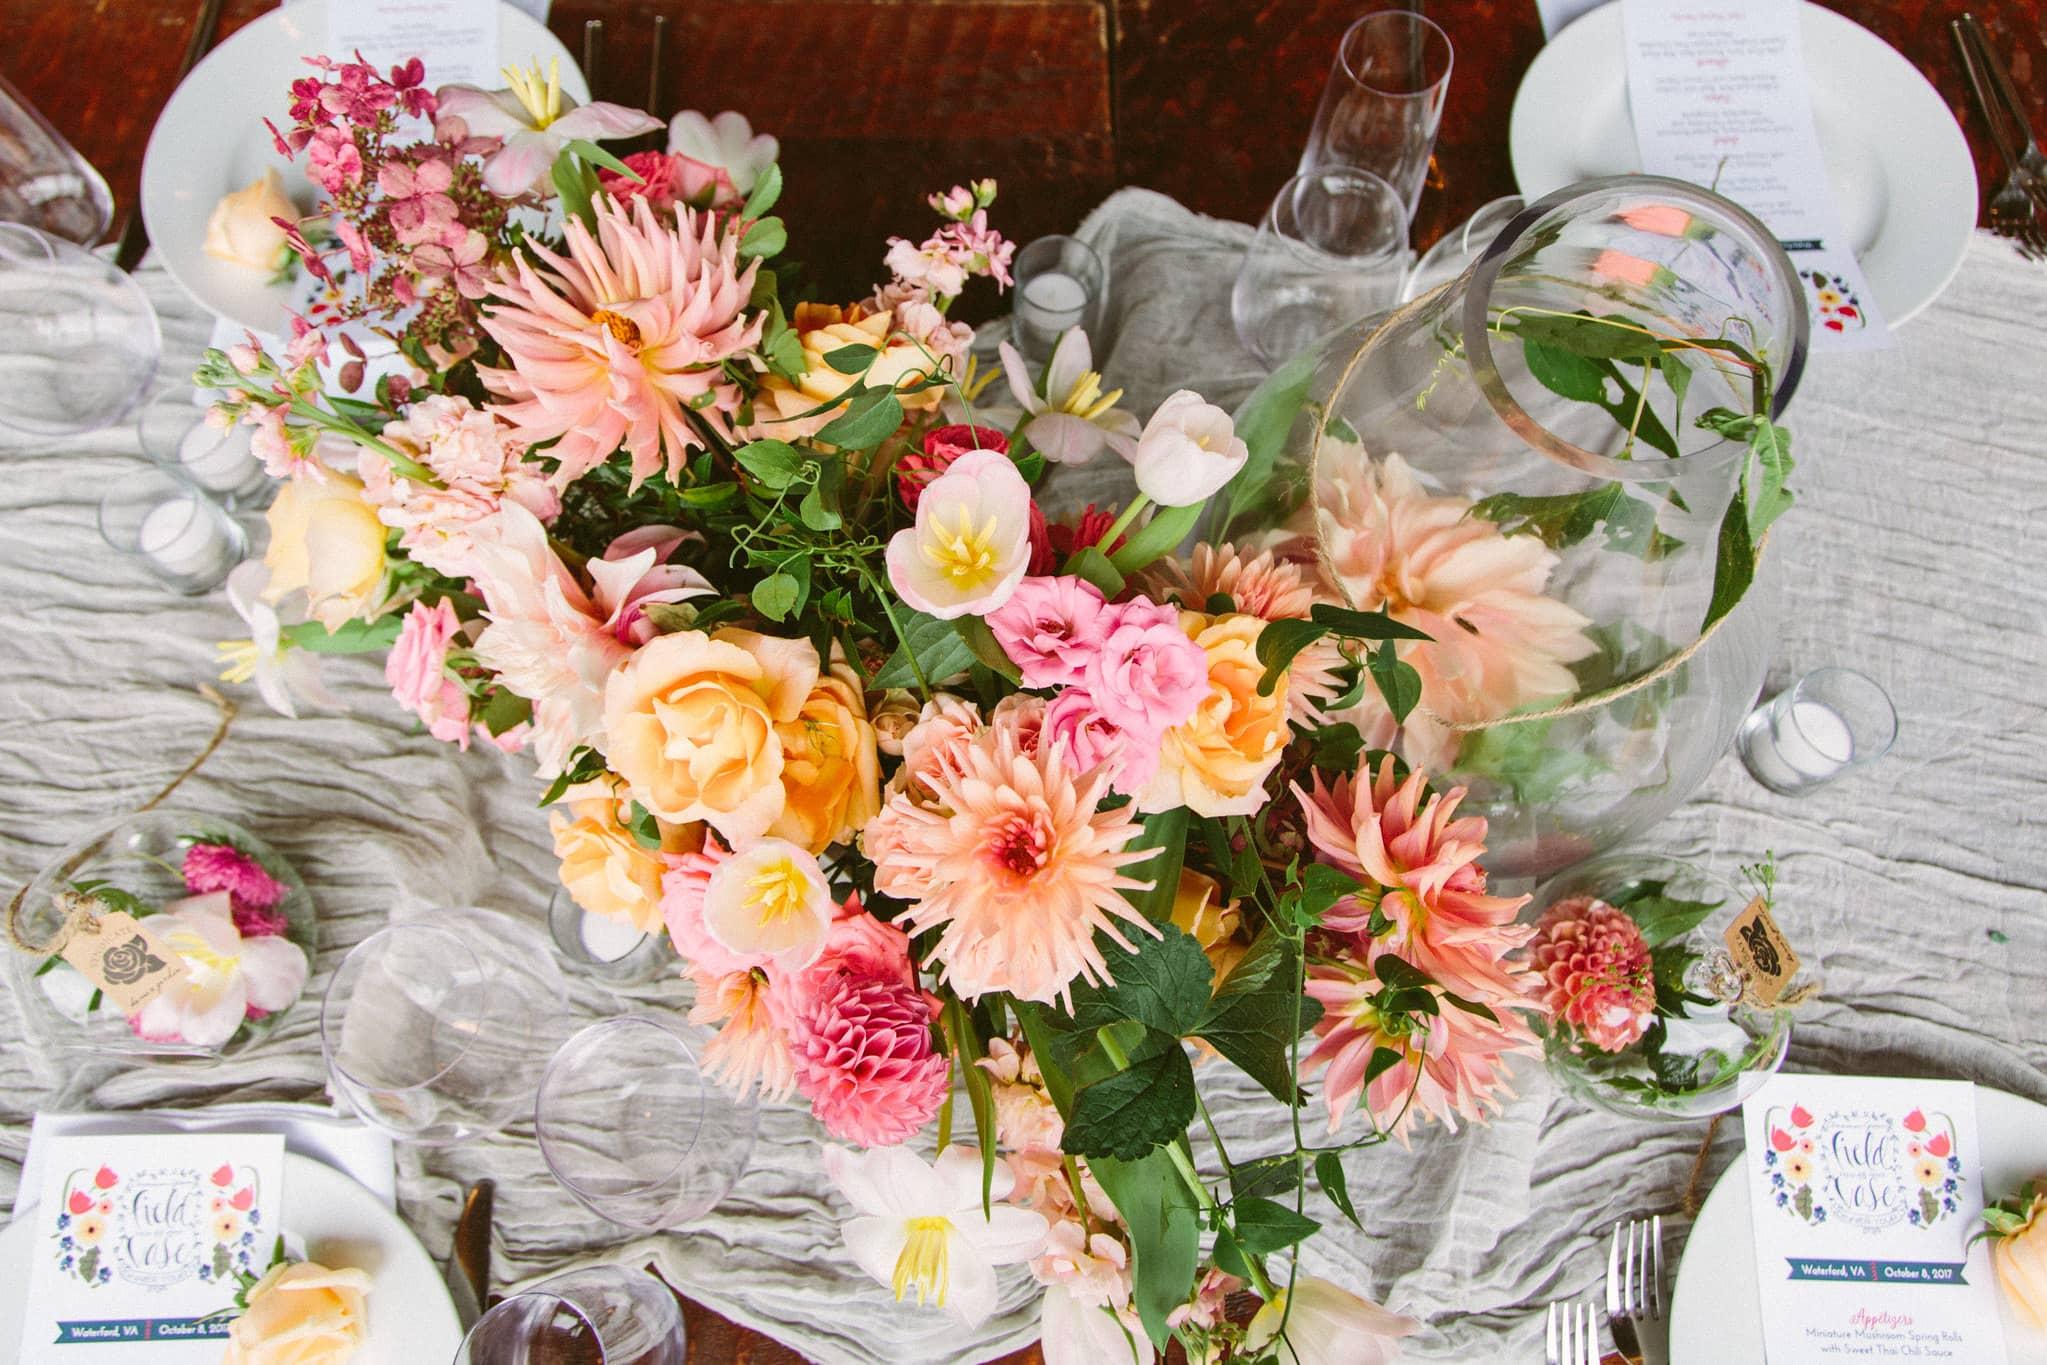 Flower arrangement shot from above.